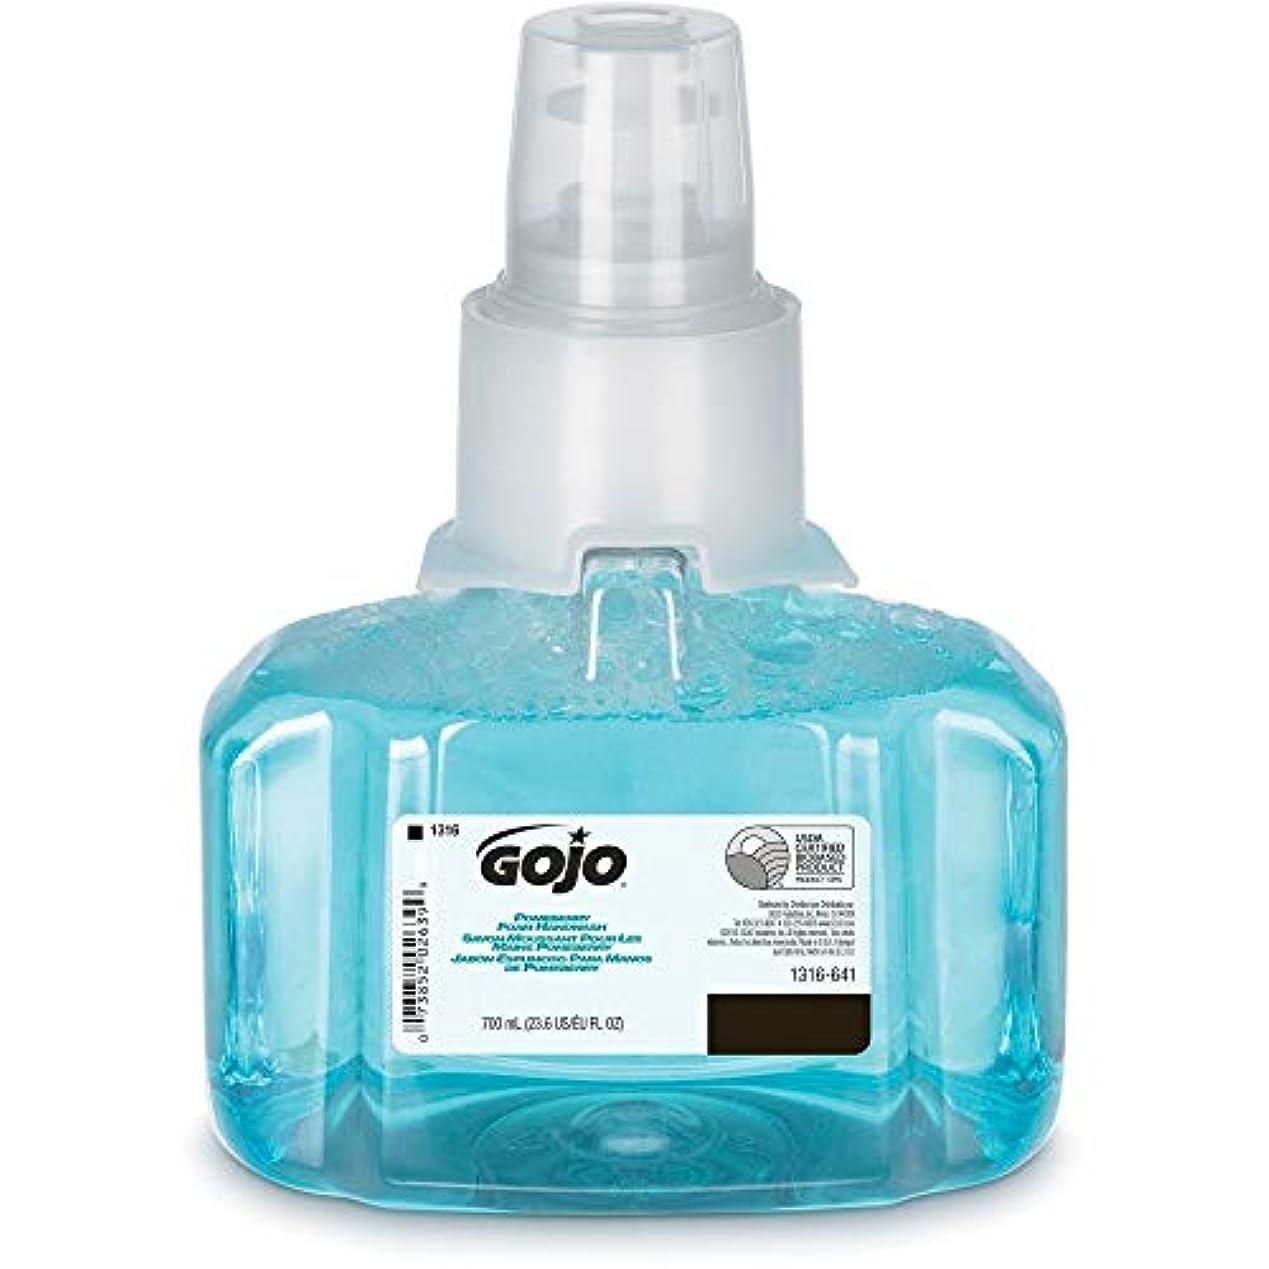 経度球体ヨーロッパGOJO ltx-7 Pomeberry泡手洗いリフィル